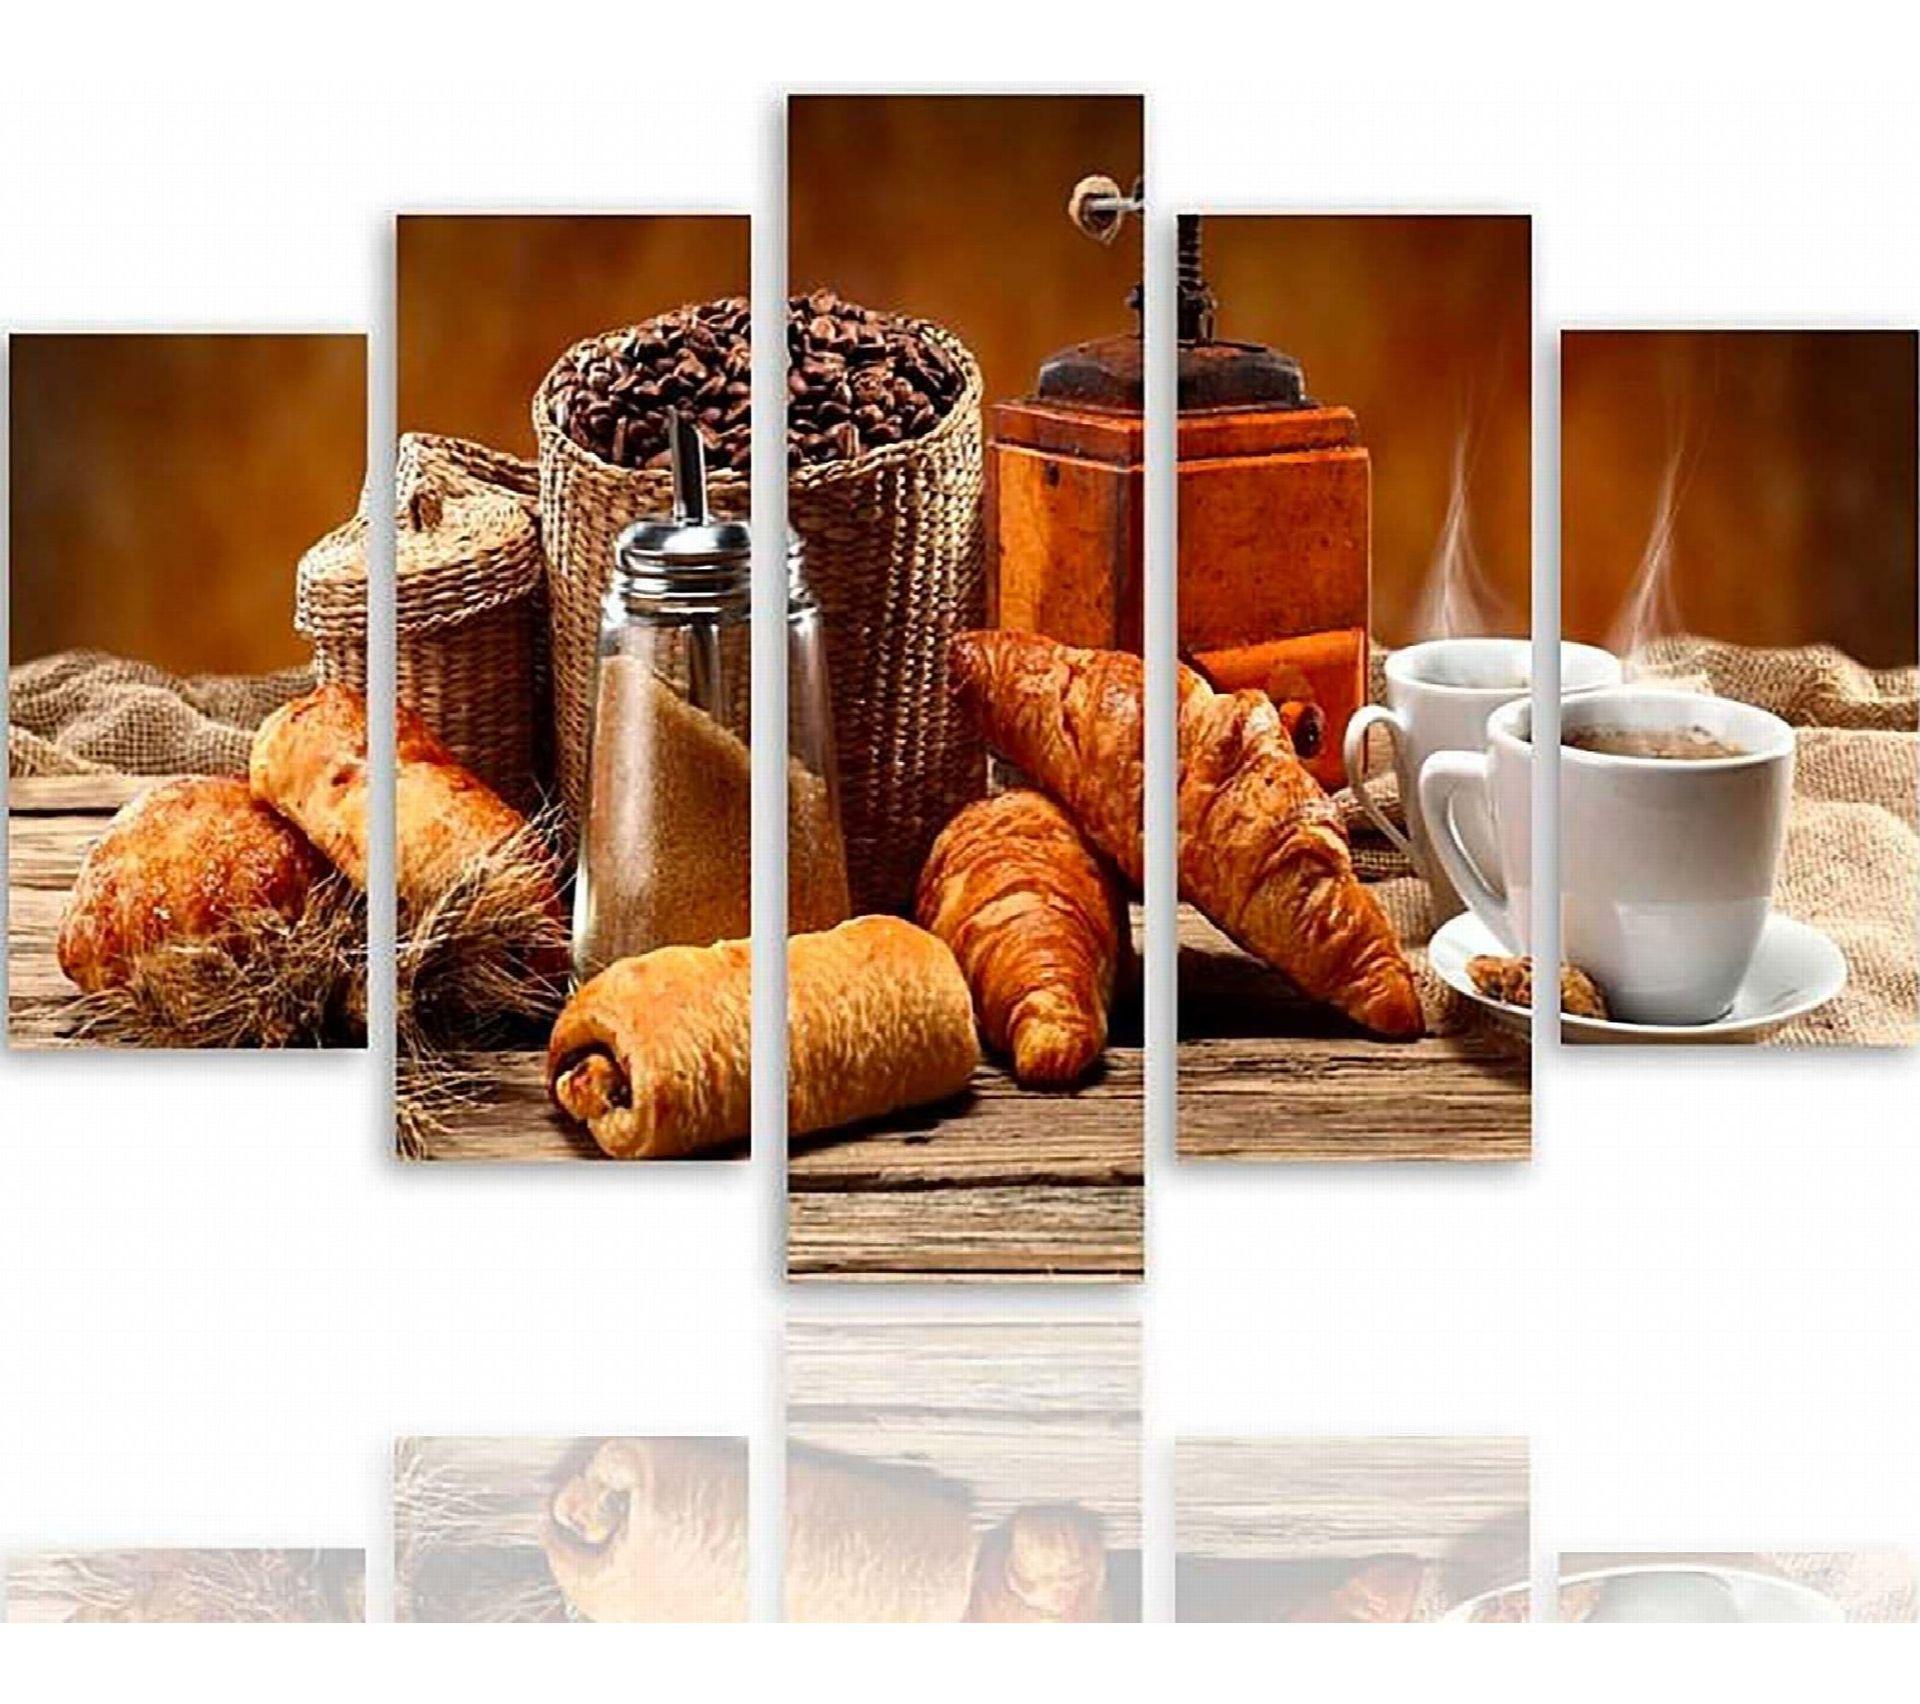 Rangement Petit Dejeuner Cuisine tableau un petit-déjeuner français 150 x 100 cm